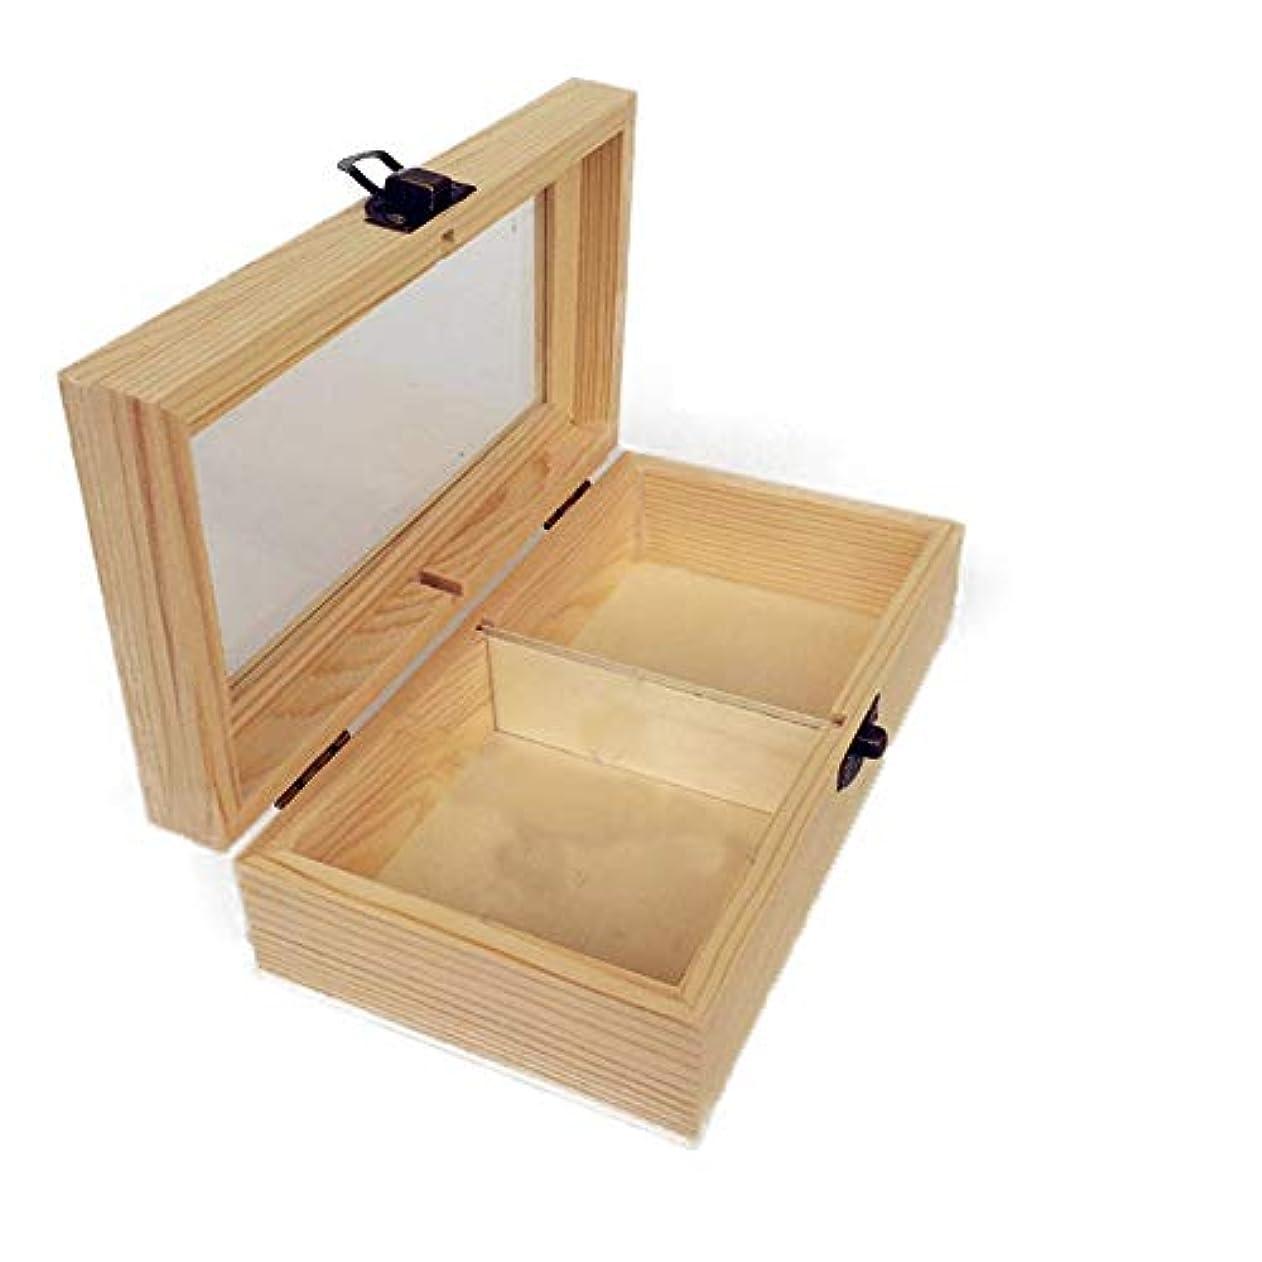 初心者巻き取りレッスンエッセンシャルオイルストレージボックス プレゼンテーションのために手作りの木製ギフトボックスパーフェクトエッセンシャルオイルケースにエッセンシャルオイルは、被害太陽光からあなたの油を保護します 旅行およびプレゼンテーション...